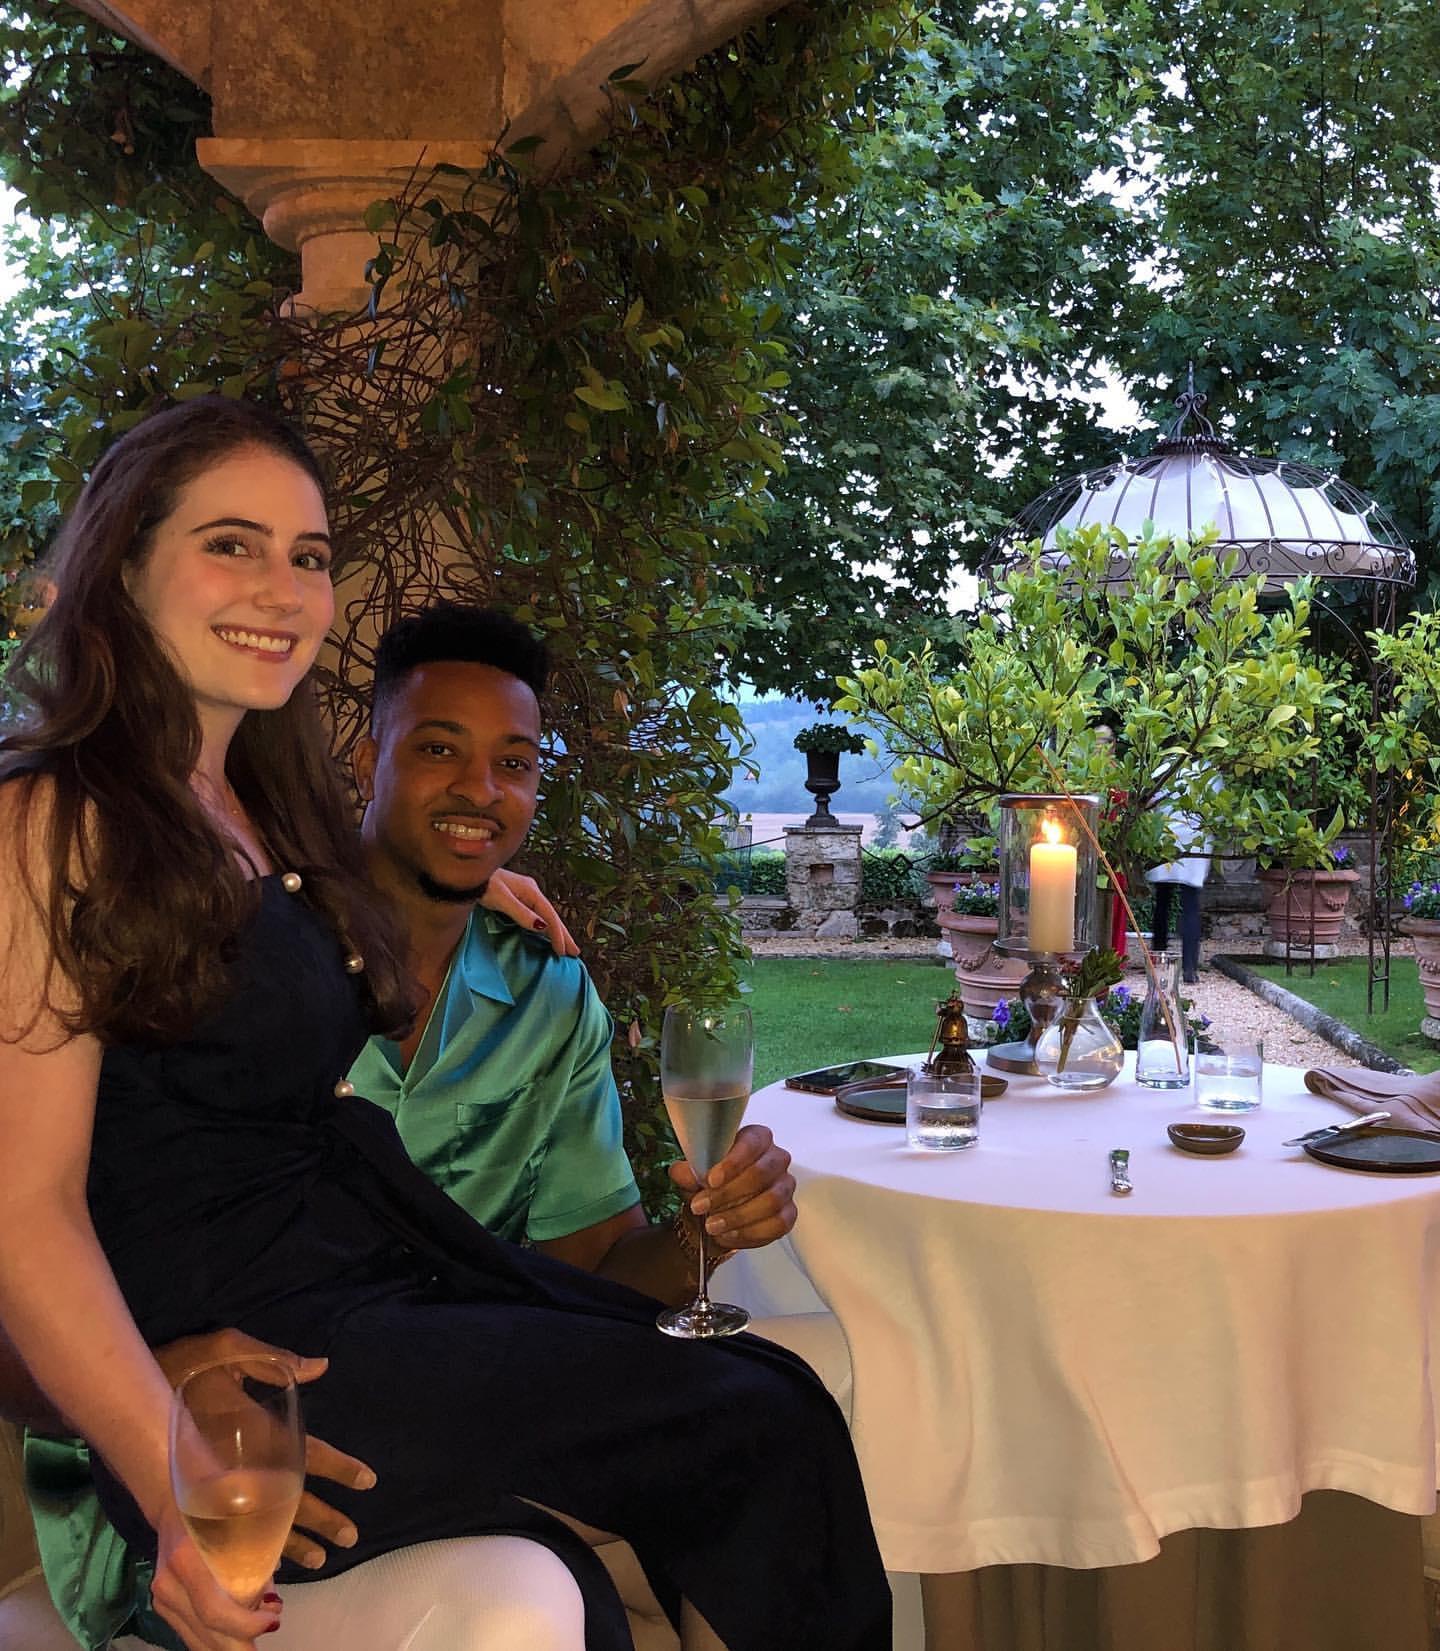 爱情甜蜜!CJ-麦科勒姆晒出与妻子意大利出游照